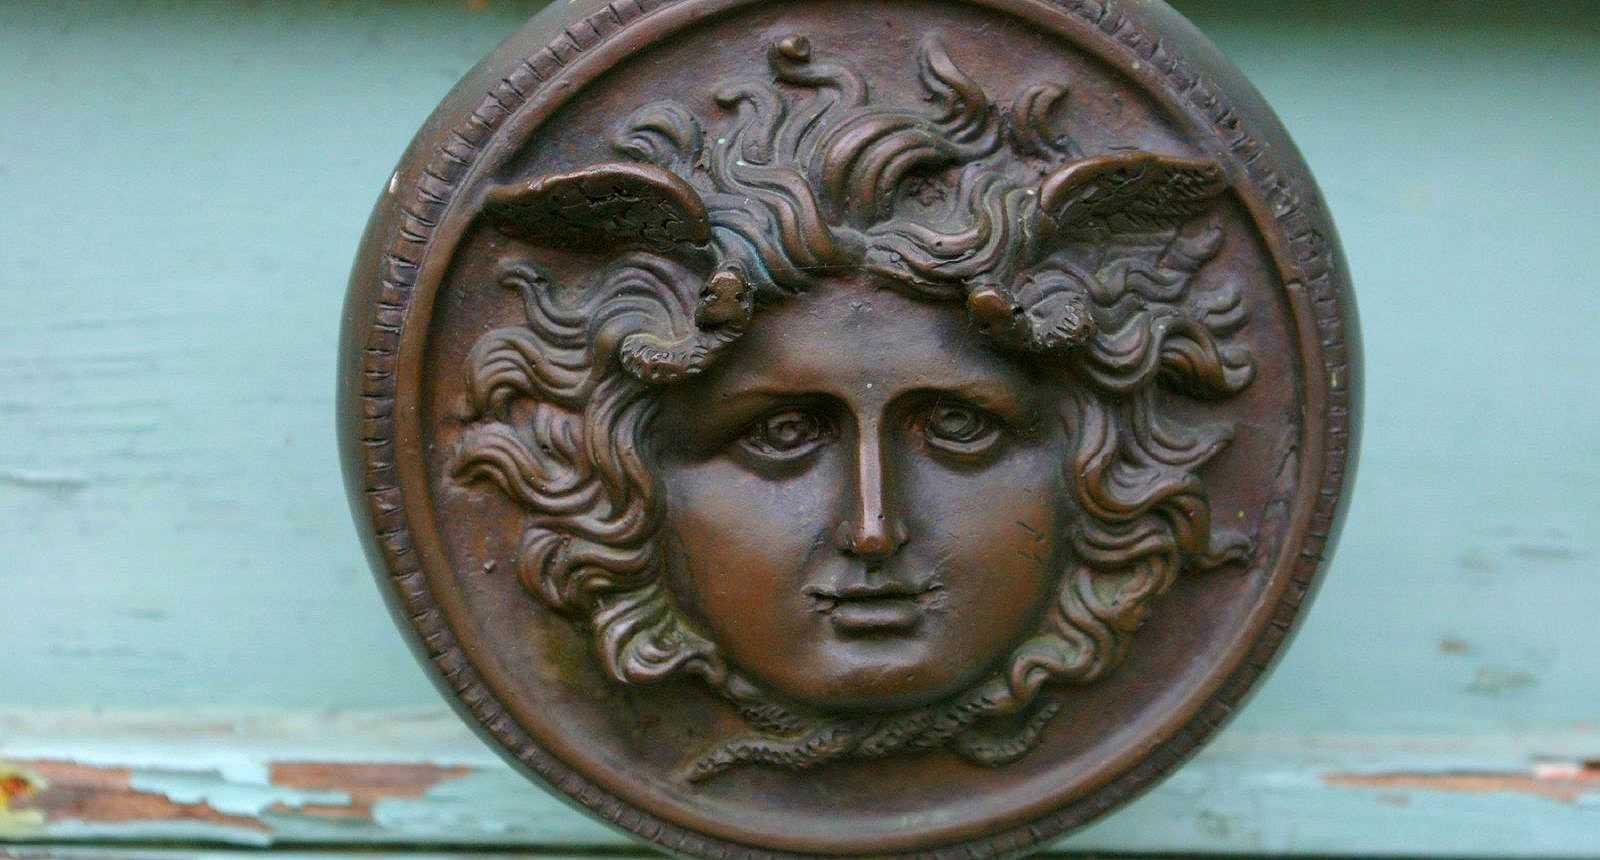 Bouton d'une porte de Mortagne-au-Perche